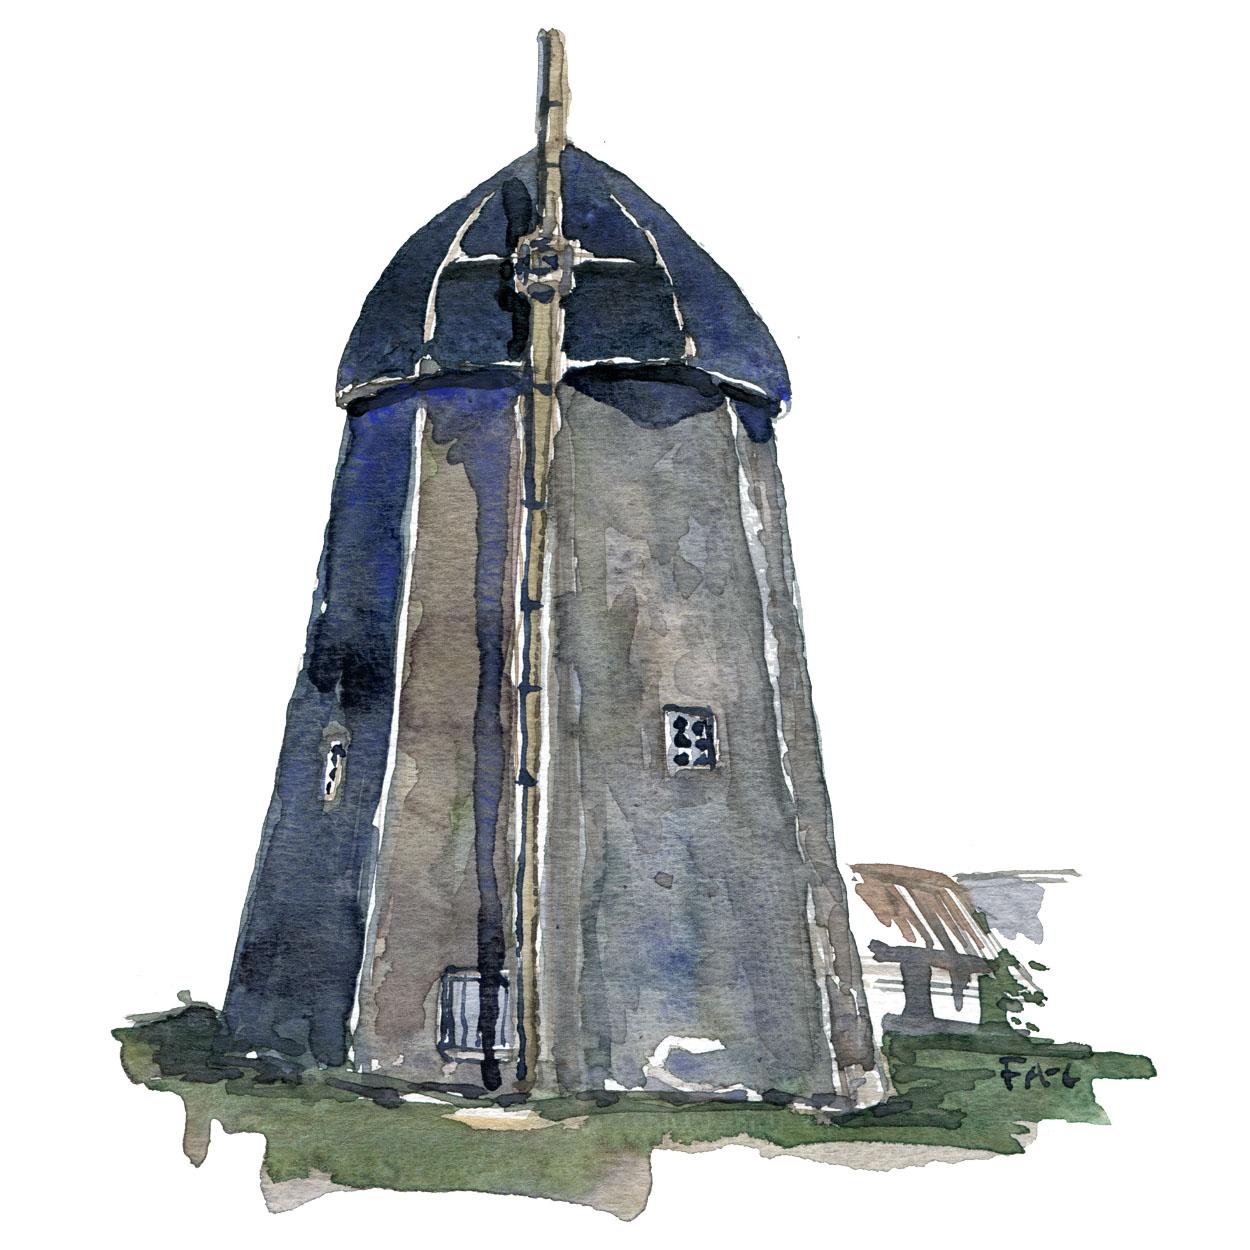 Akvarel af mølle uden vinger ( Saxebro ) på Bornholm.